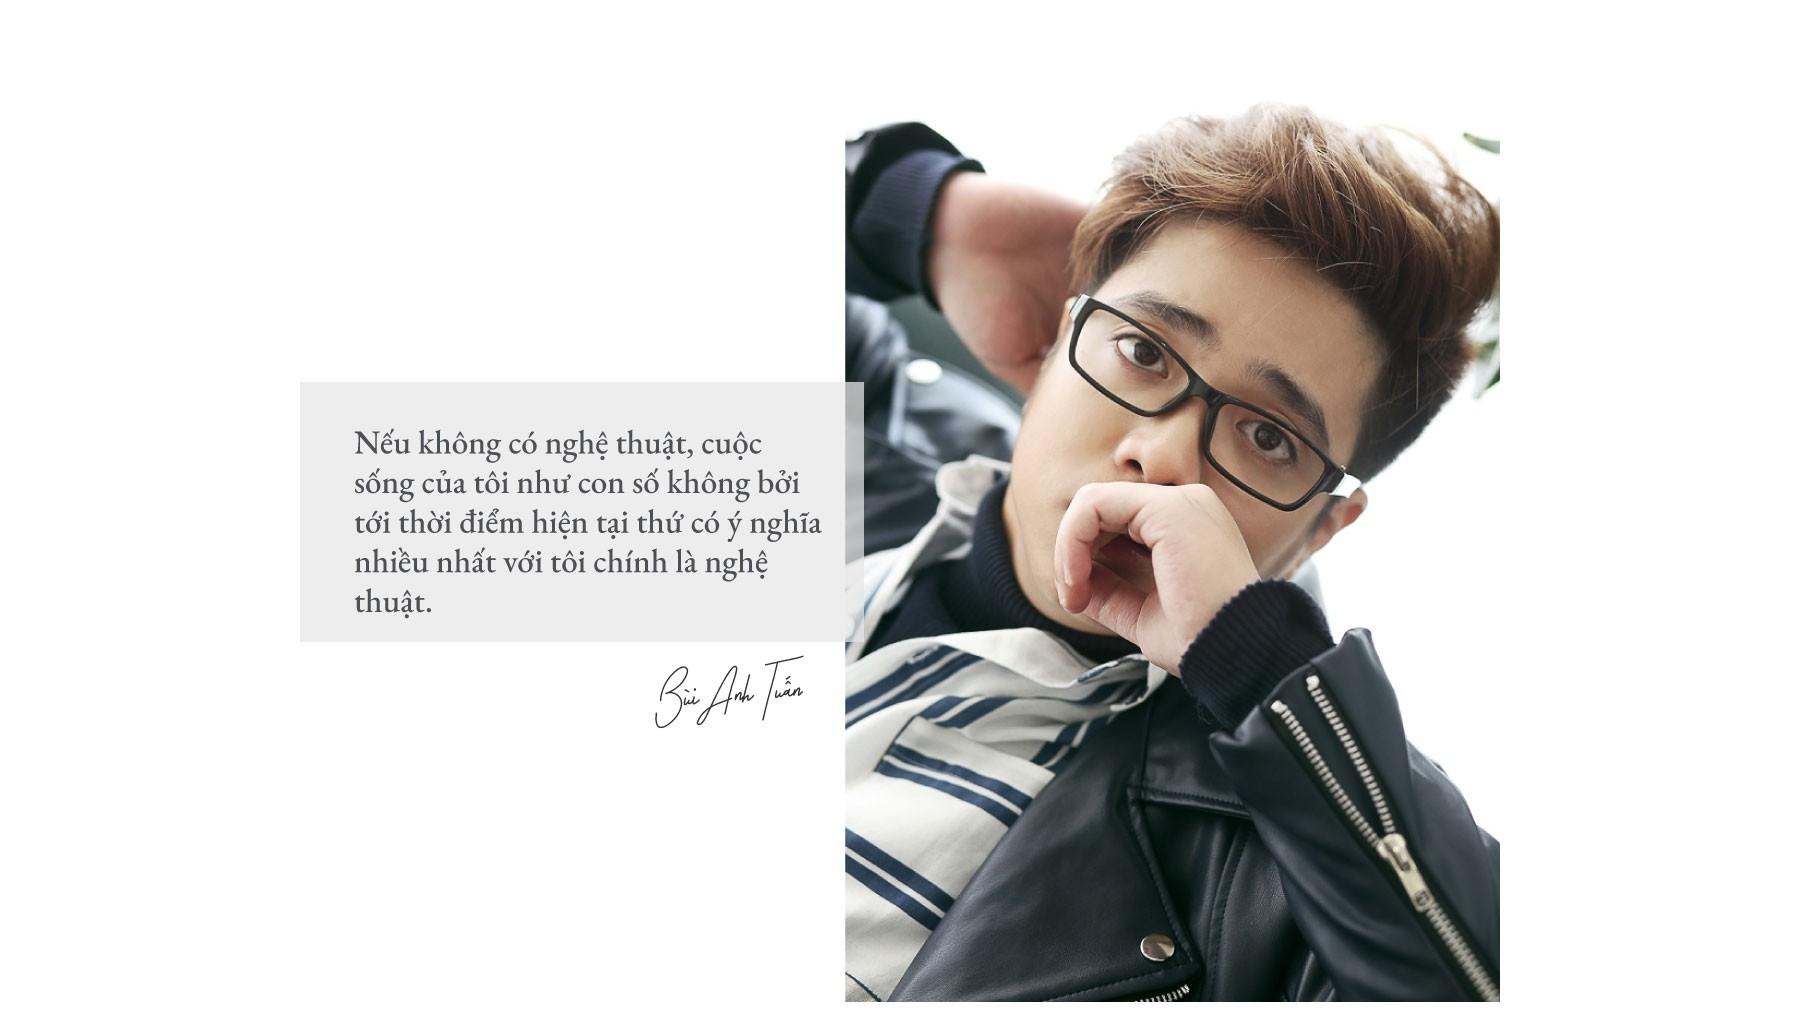 [eMagazine] - Bùi Anh Tuấn: Vượt lên chính mình - Ảnh 6.